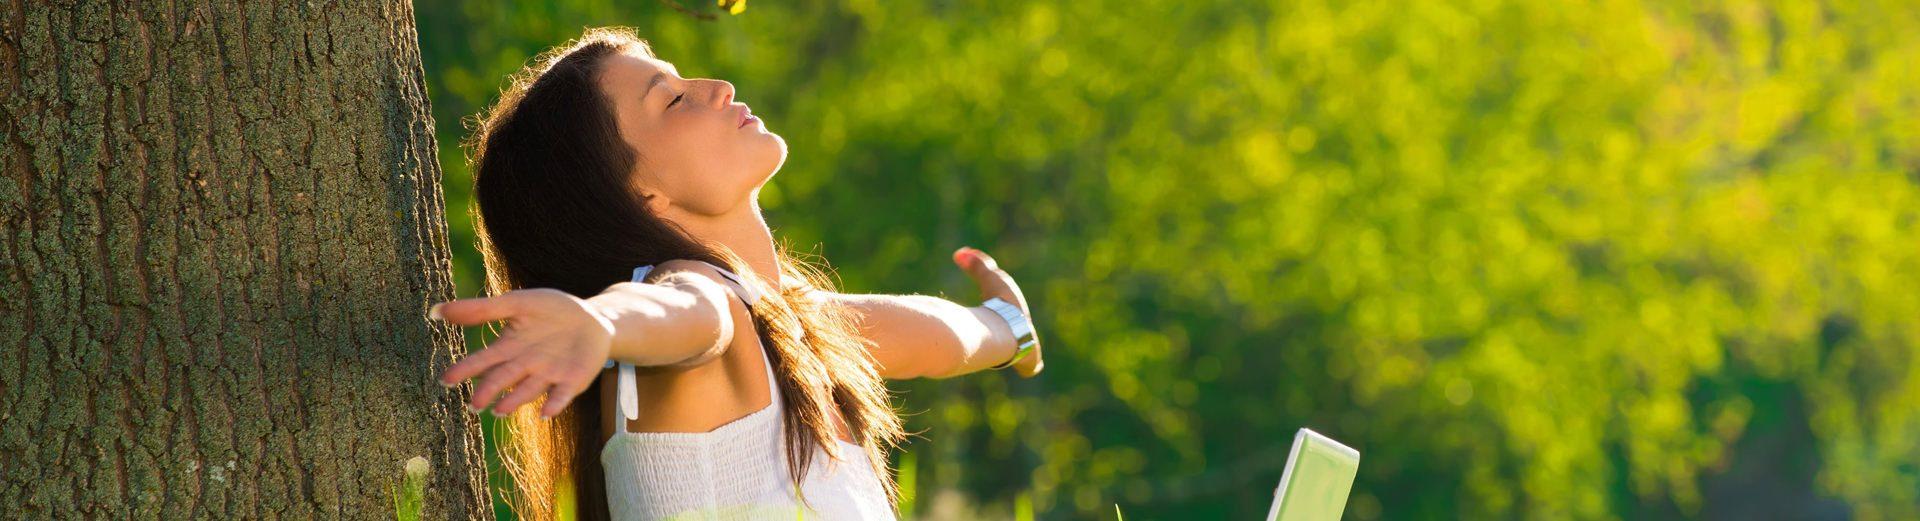 Innere Kraftquellen finden - 3 Tipps